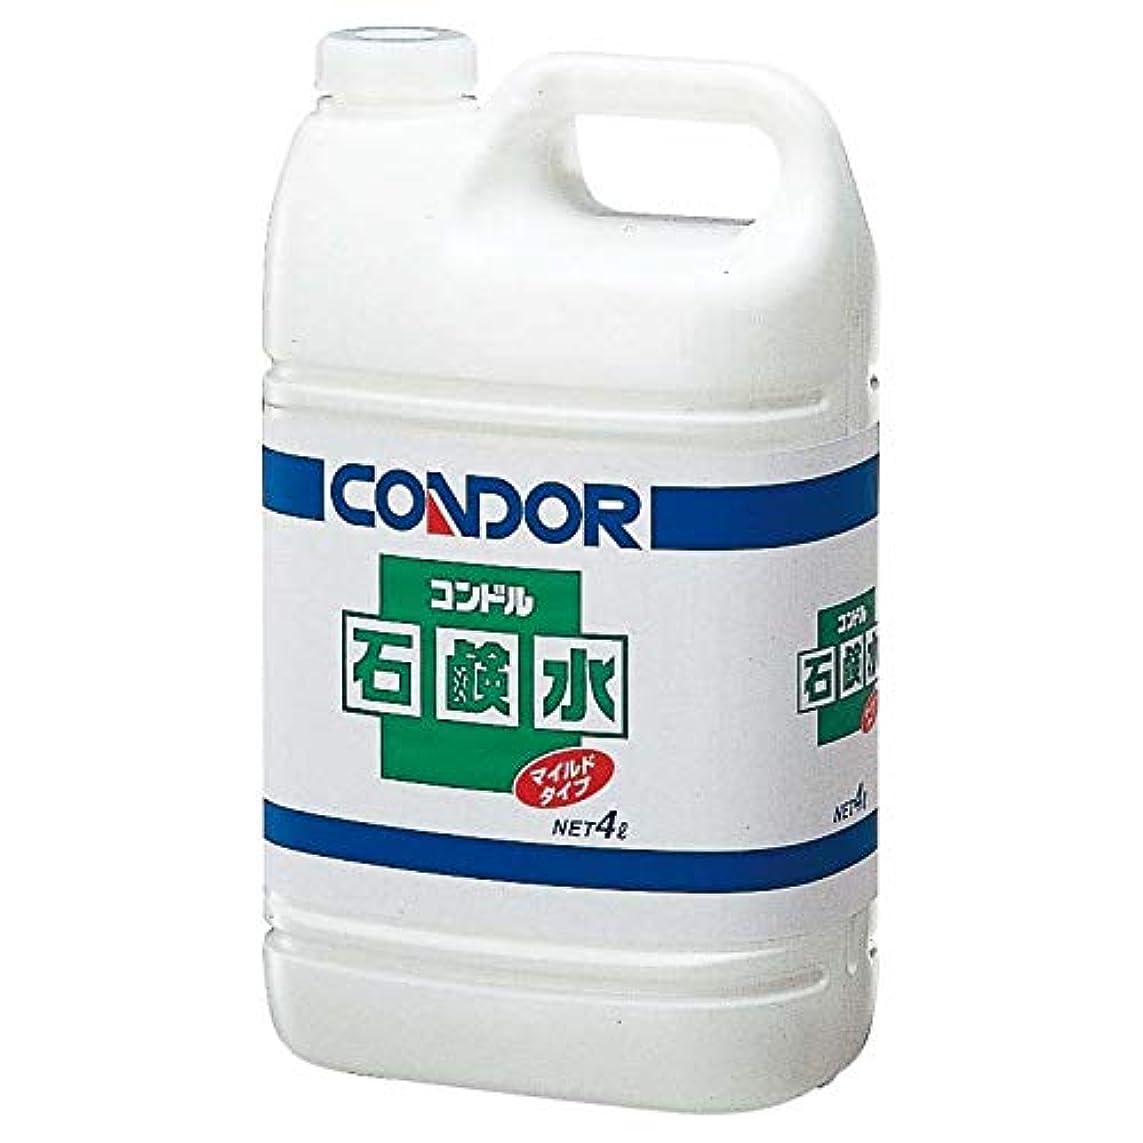 計画的ドリルしばしば【清潔キレイ館】コンドル 石鹸水(4L)